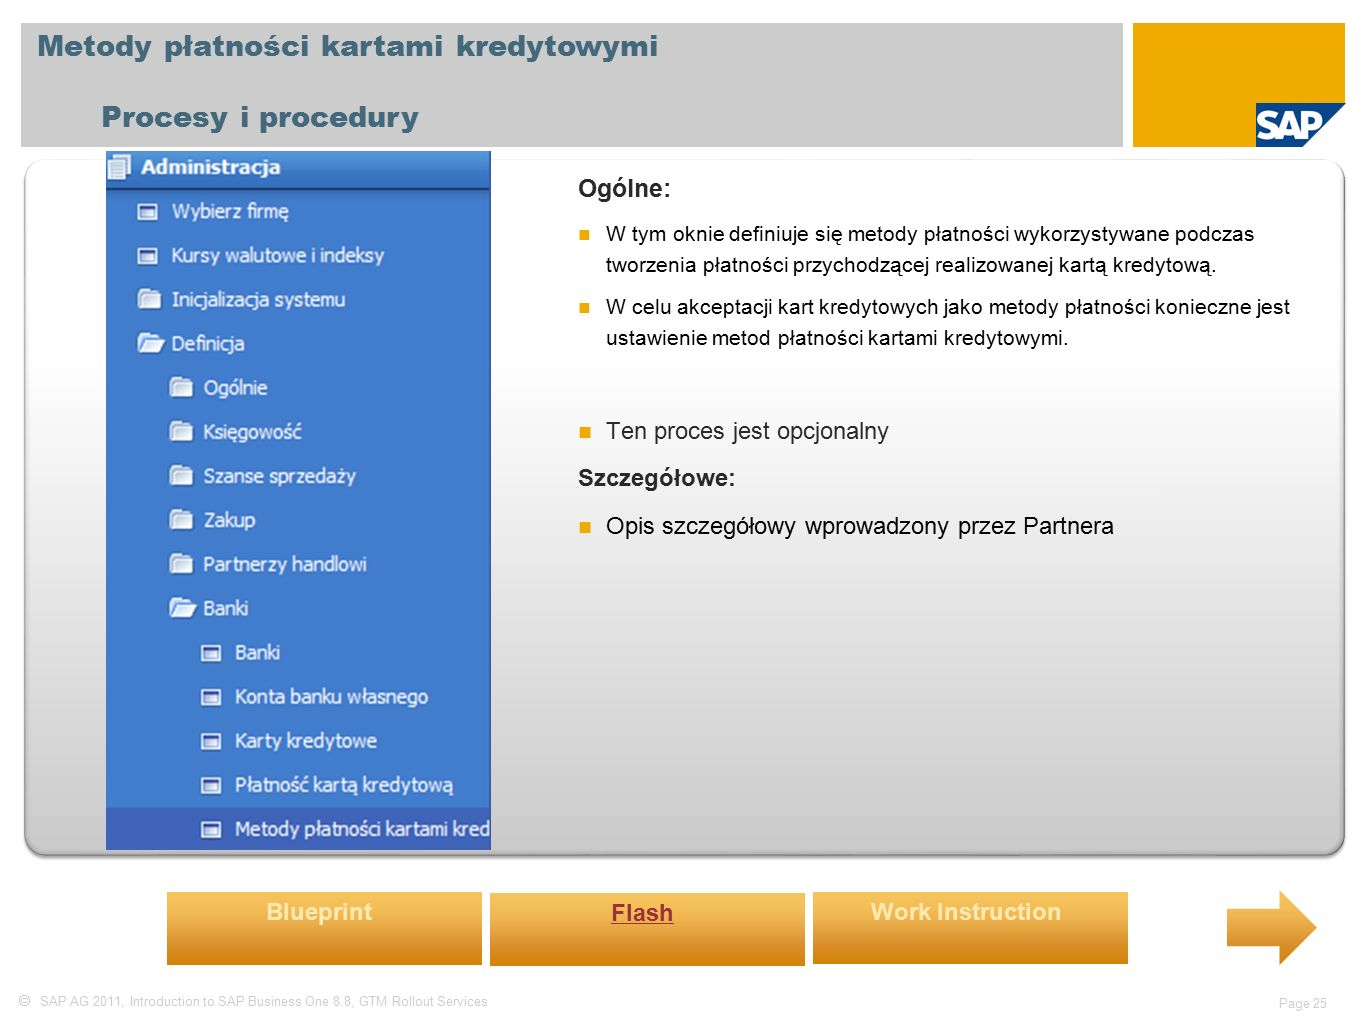  SAP AG 2011, Introduction to SAP Business One 8.8, GTM Rollout Services Page 25 Metody płatności kartami kredytowymi Procesy i procedury Ogólne: W tym oknie definiuje się metody płatności wykorzystywane podczas tworzenia płatności przychodzącej realizowanej kartą kredytową.